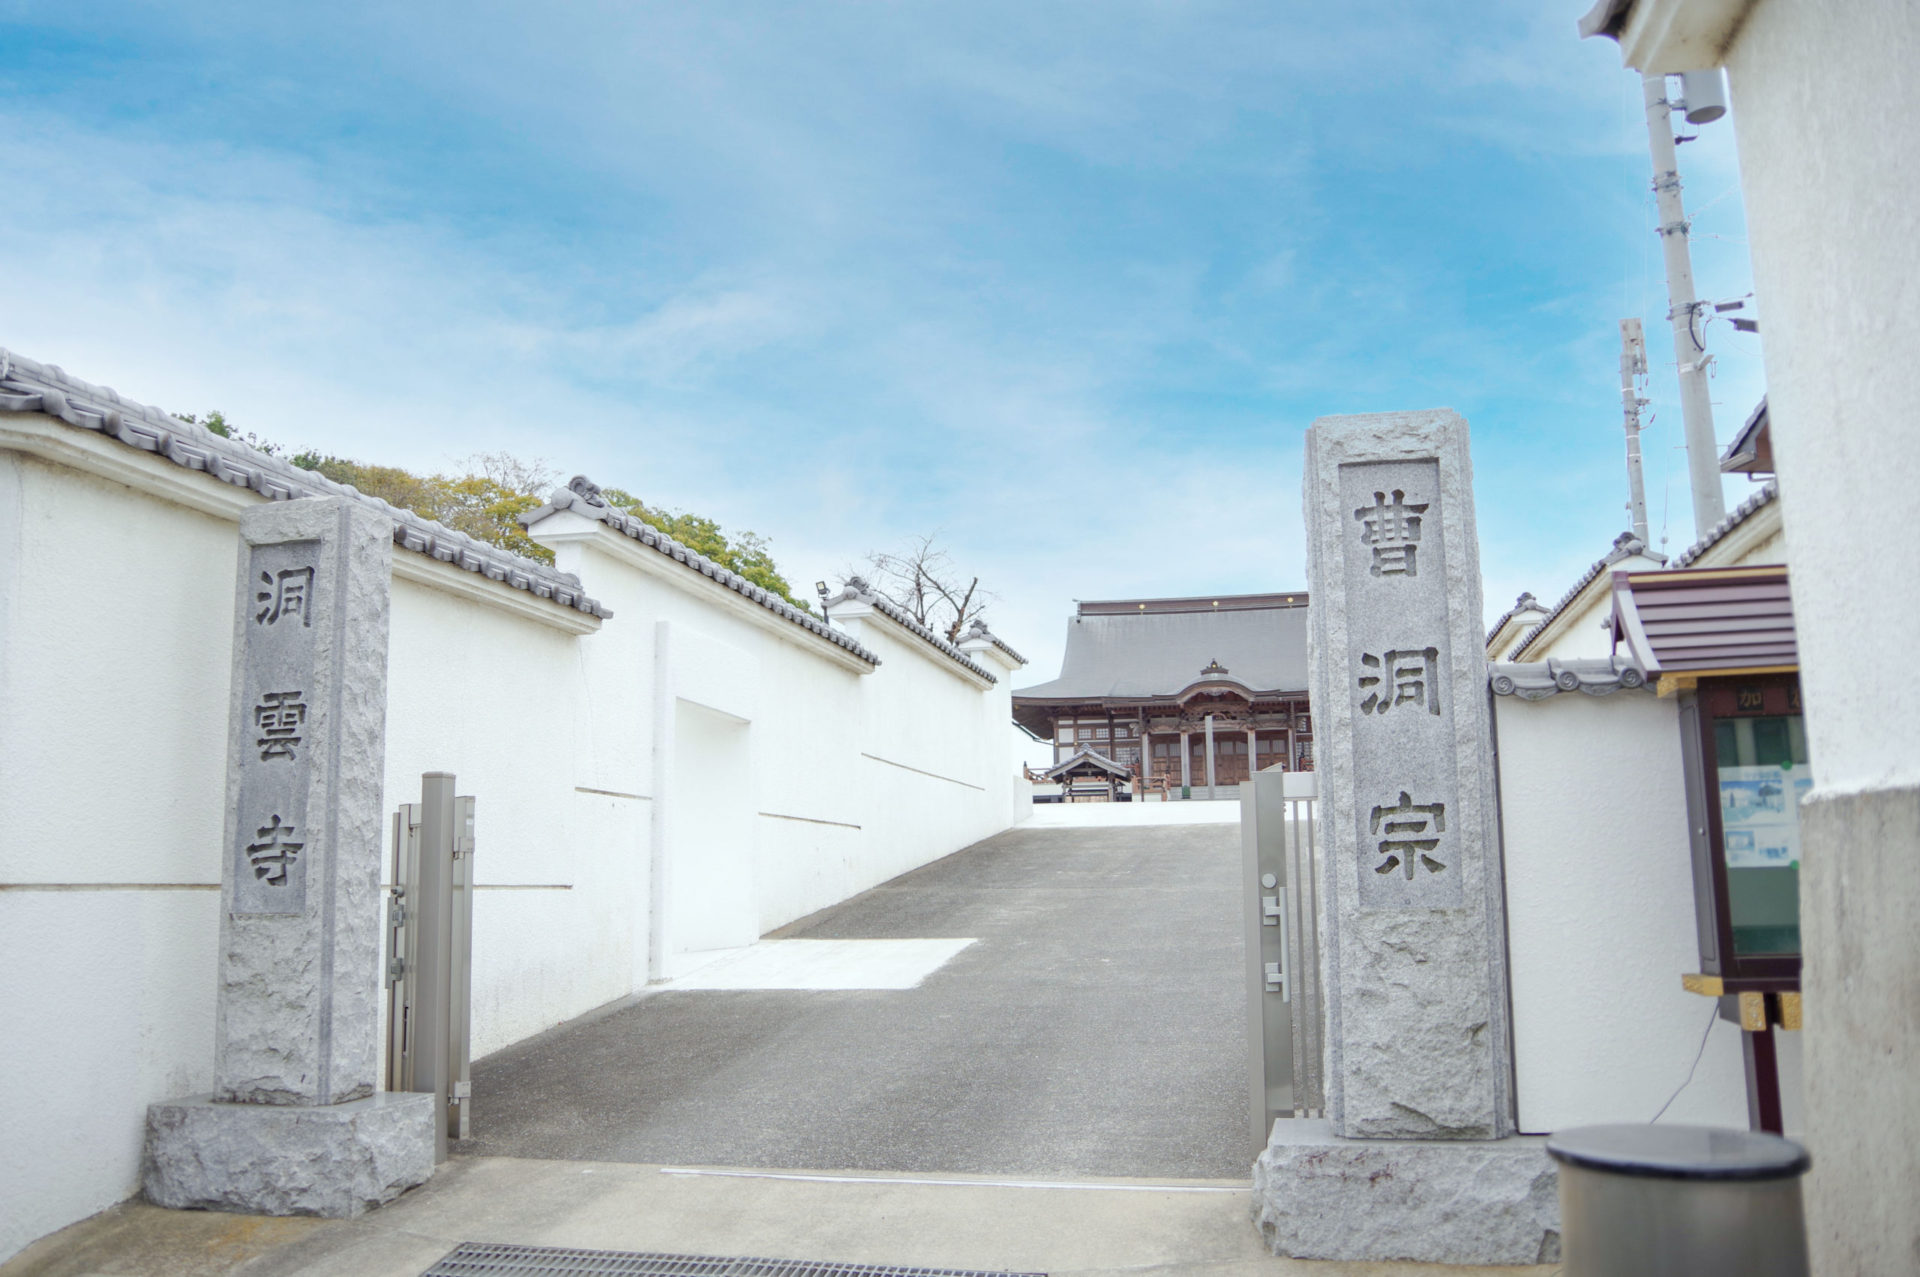 洞雲寺<br>(埼玉県さいたま市)